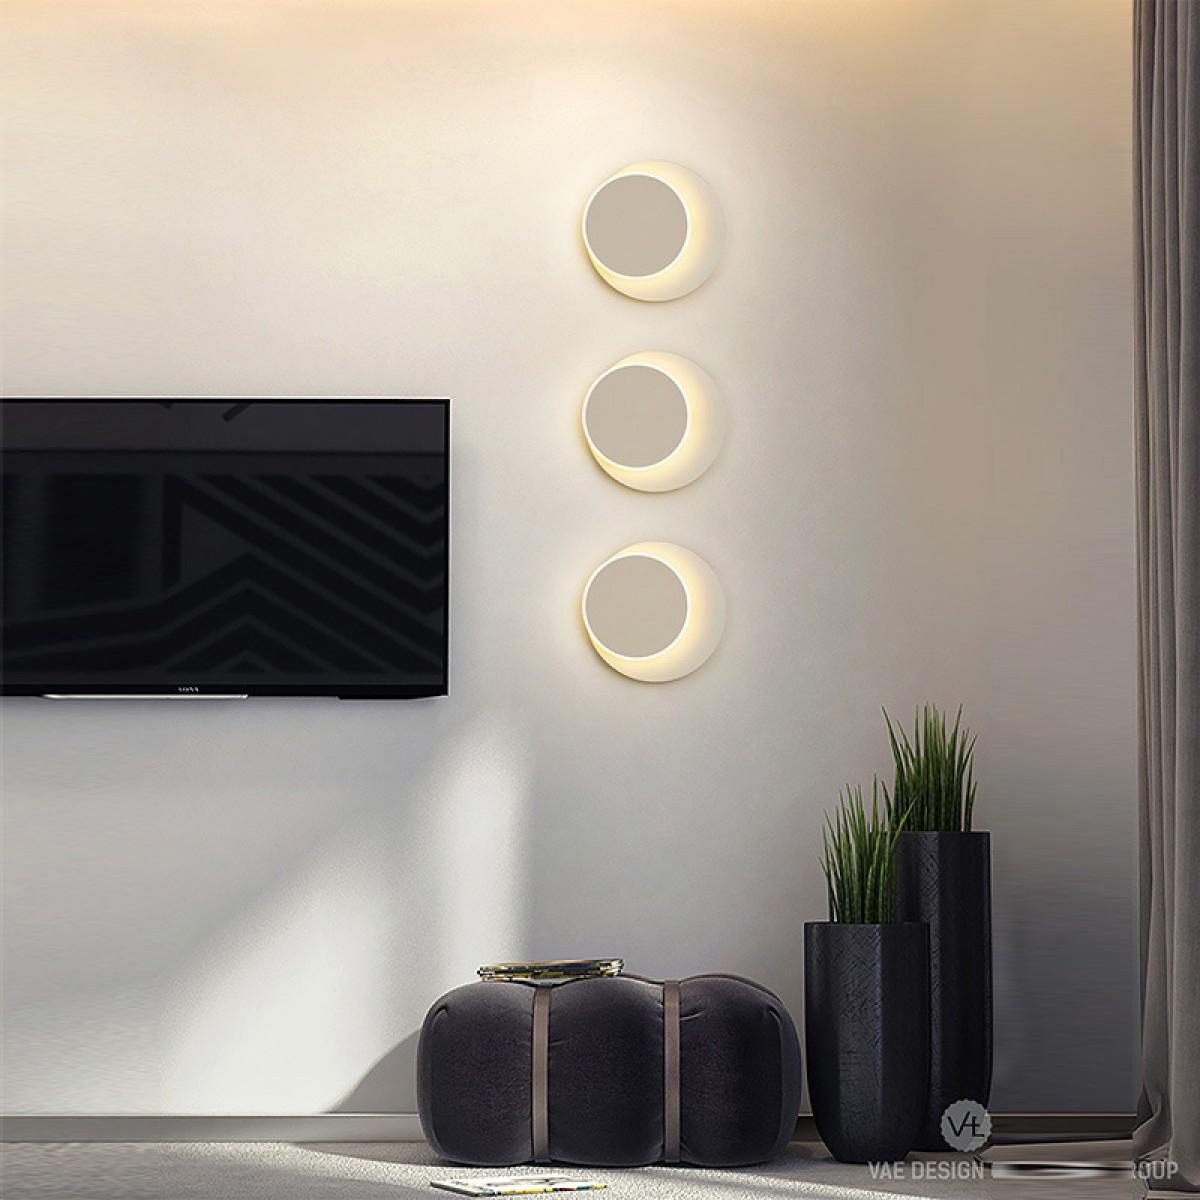 新款高档酒店壁灯圆形方形简约床头灯个性创意可旋转墙壁灯